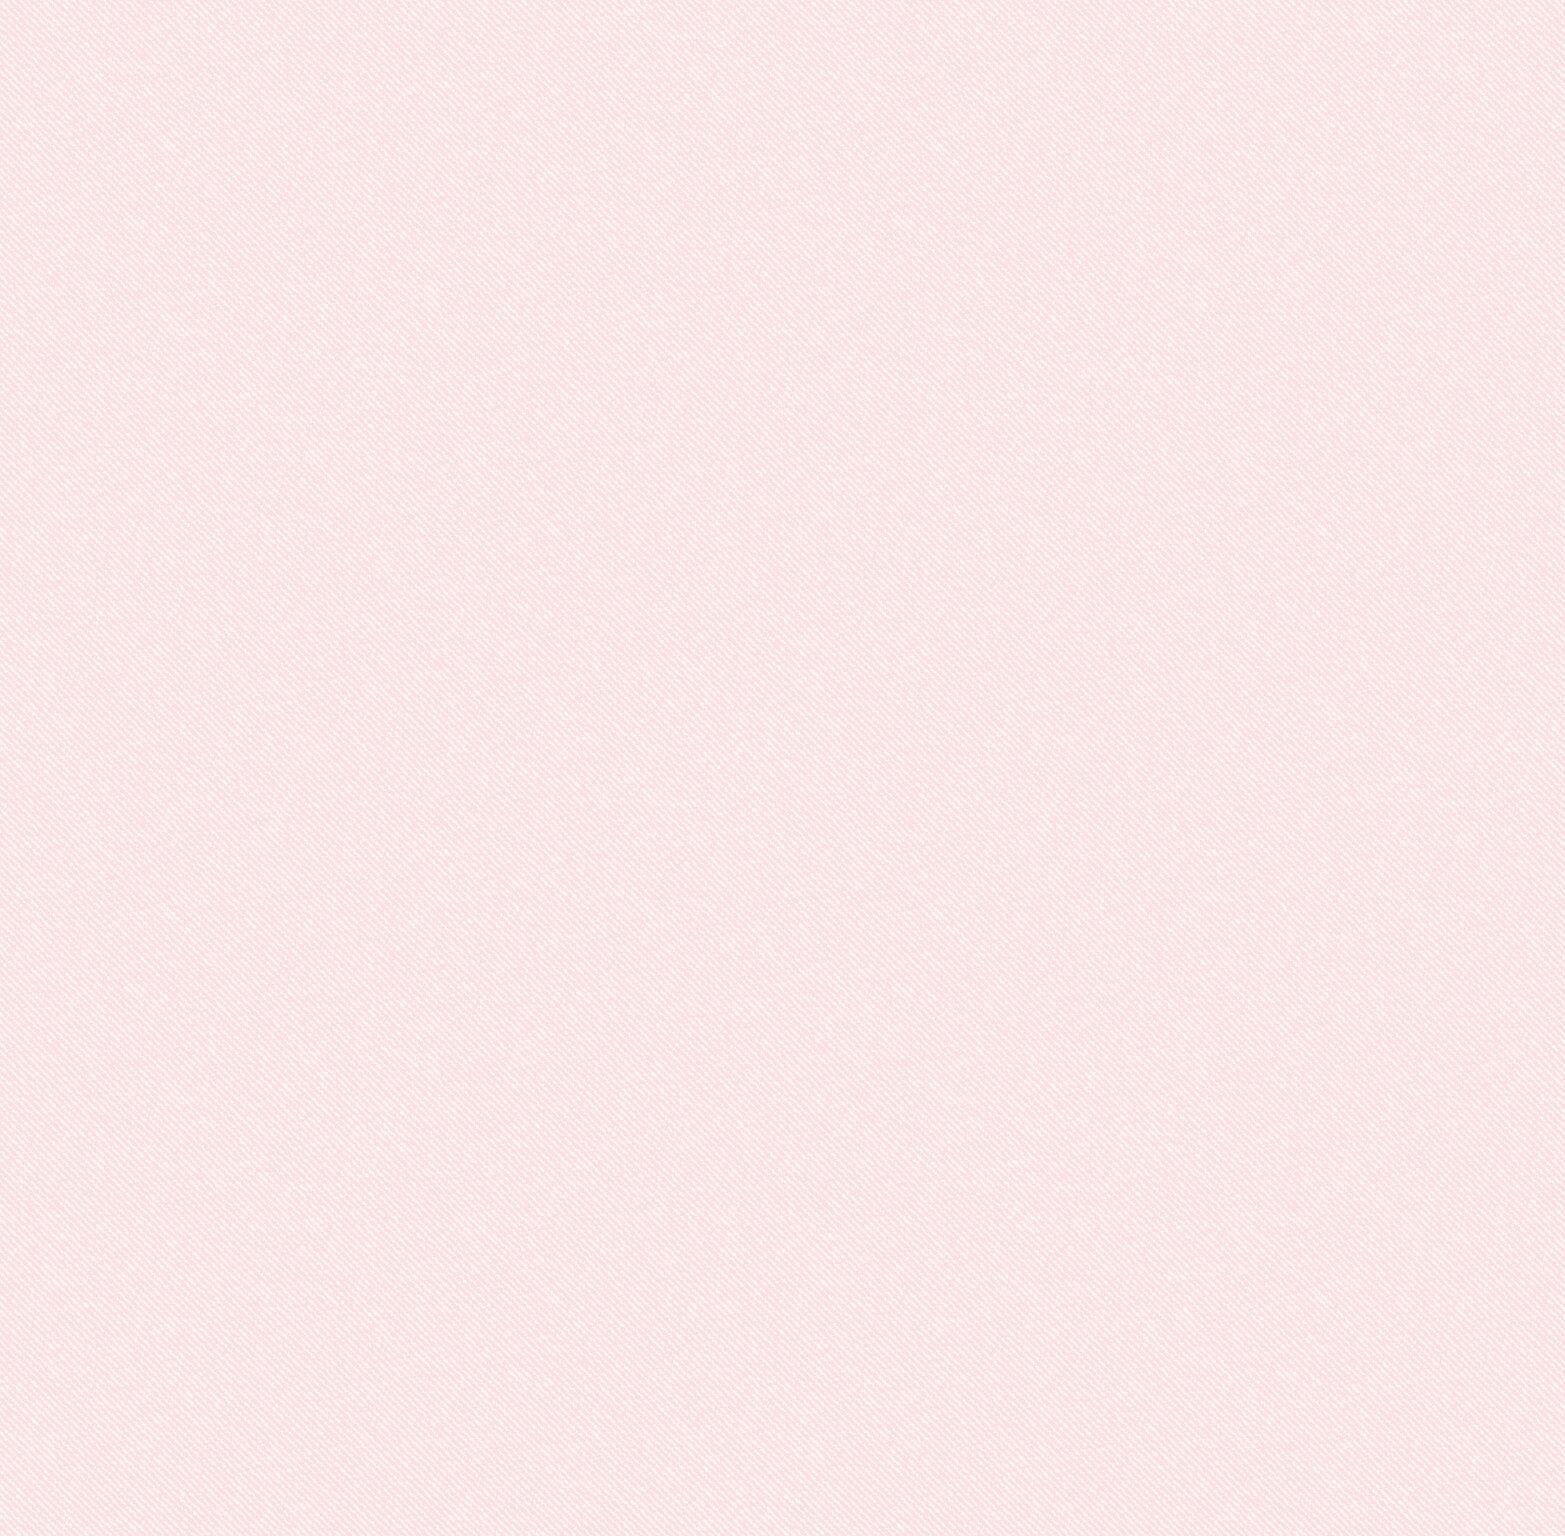 Papel de Parede Coleção Brincar Liso 3606 - Rolo: 10m x 0,52m